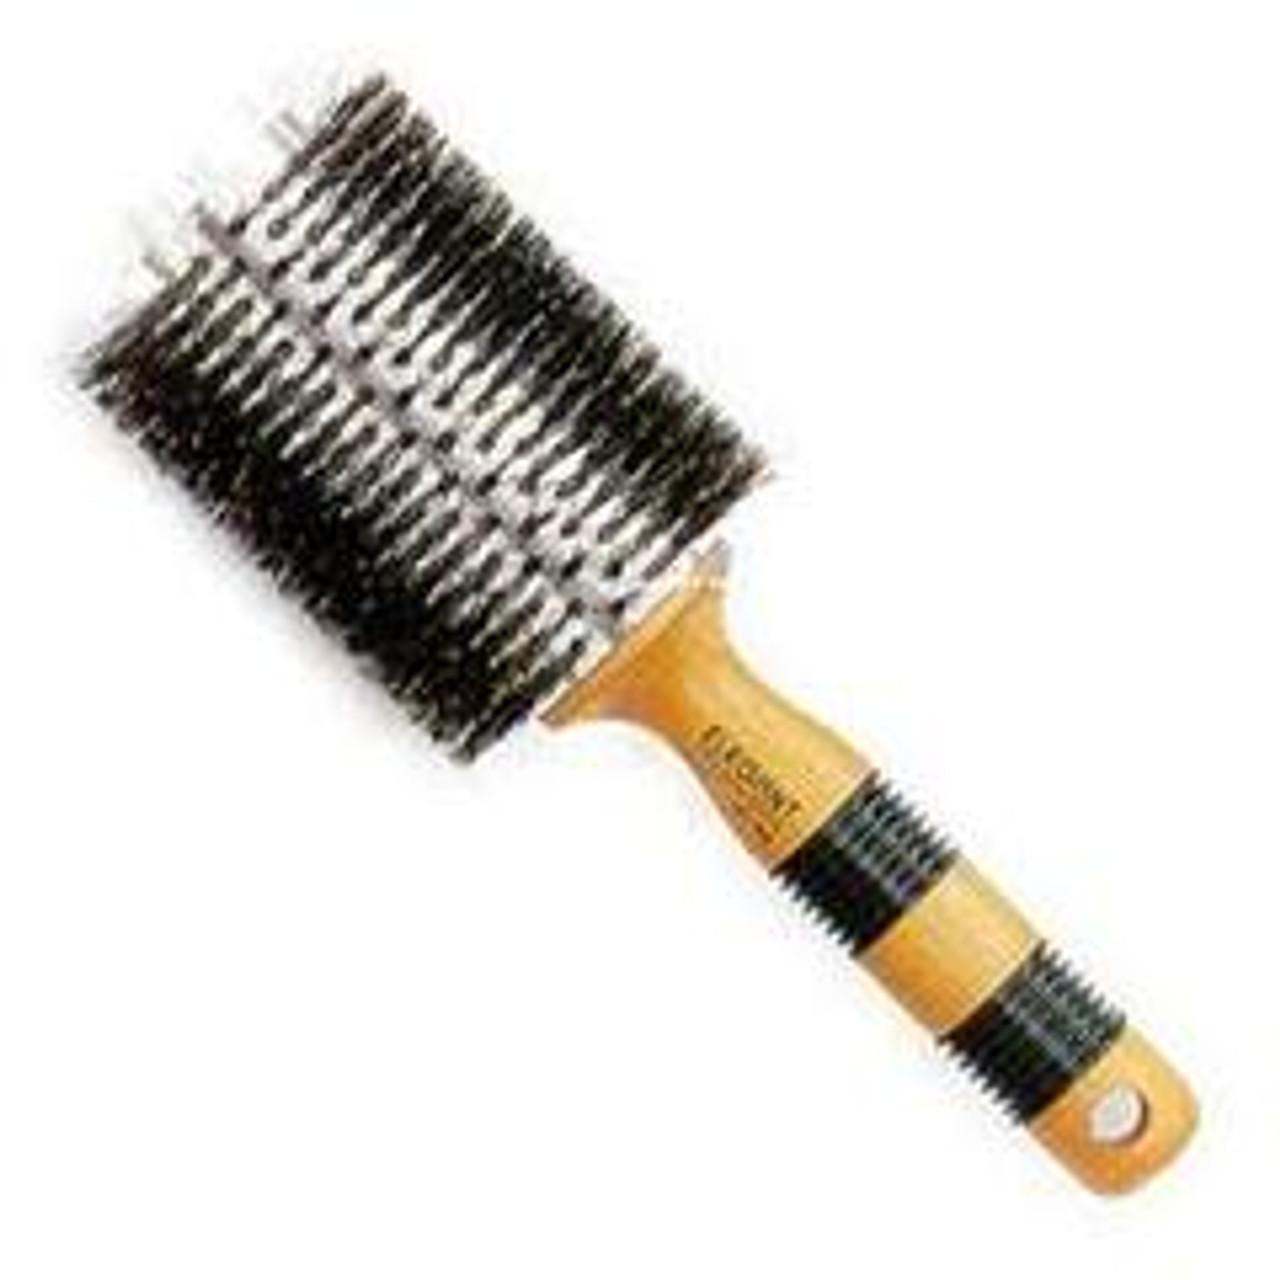 V Shaped Thermal Large Brush - Hair Tools   Elegant